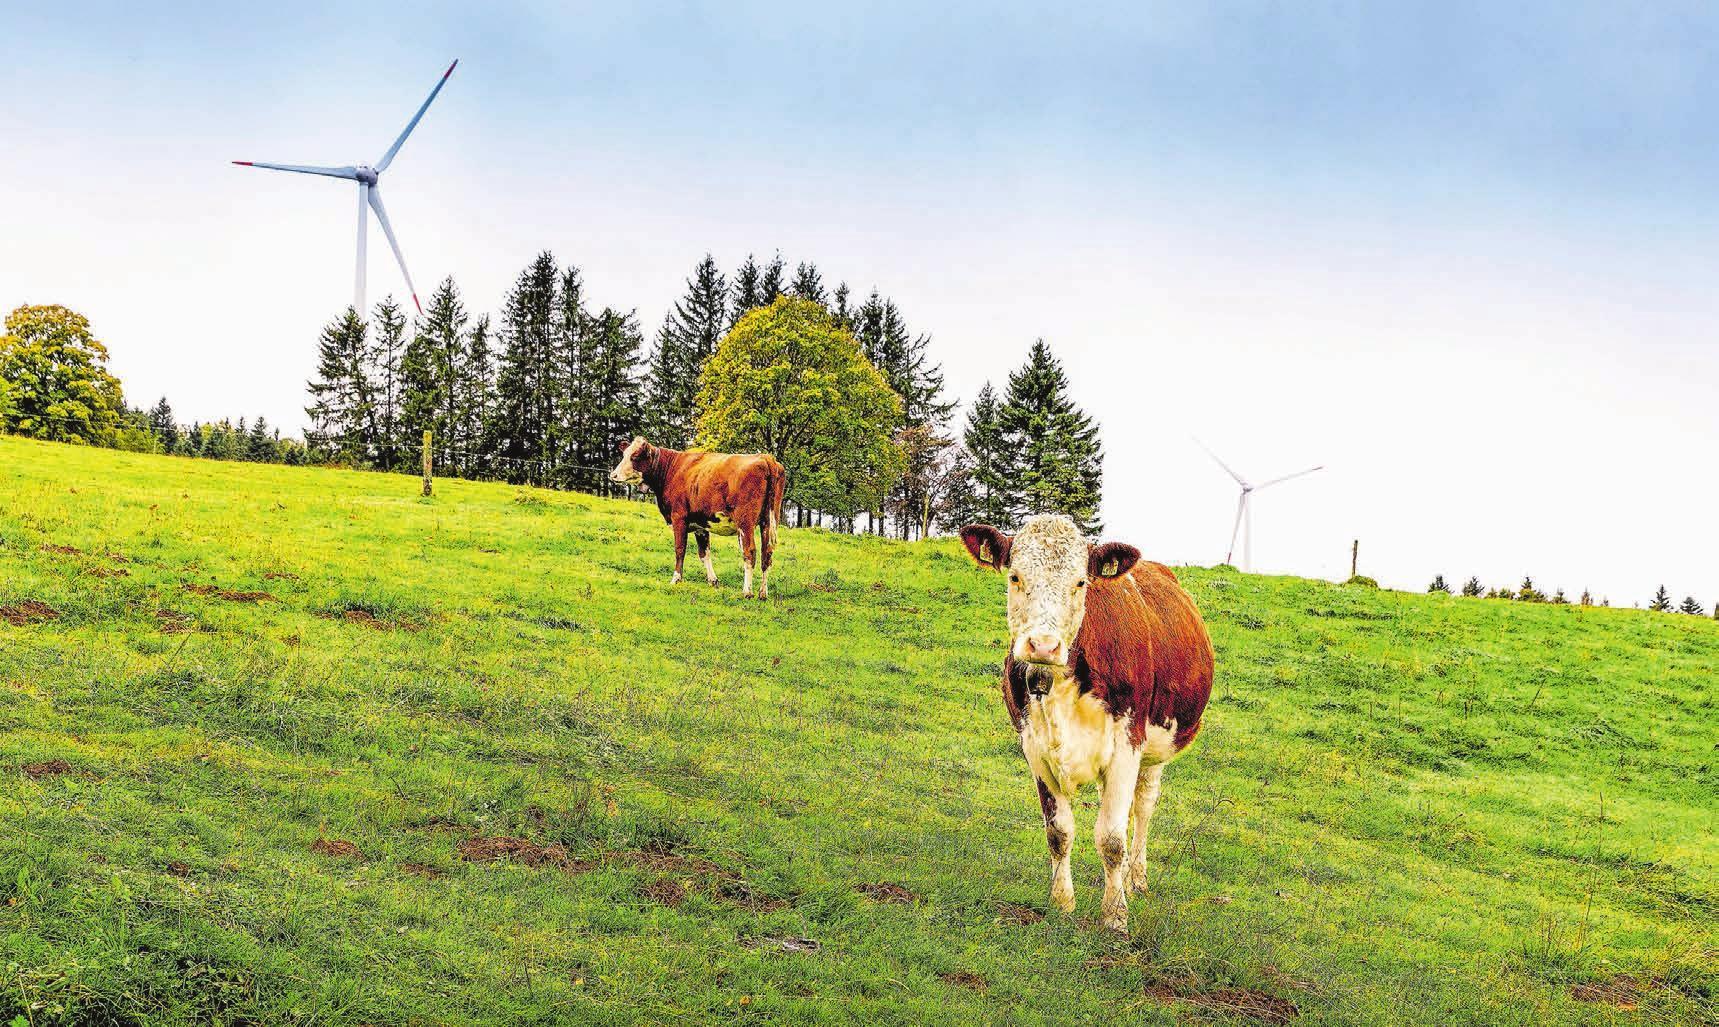 Es geht nur langsam vorwärts: Rund 300 Windanlagen befinden sich aktuell in einem langwierigen Bewilligungsverfahren oder warten auf einen definitiven Gerichtsentscheid. Bild: Getty